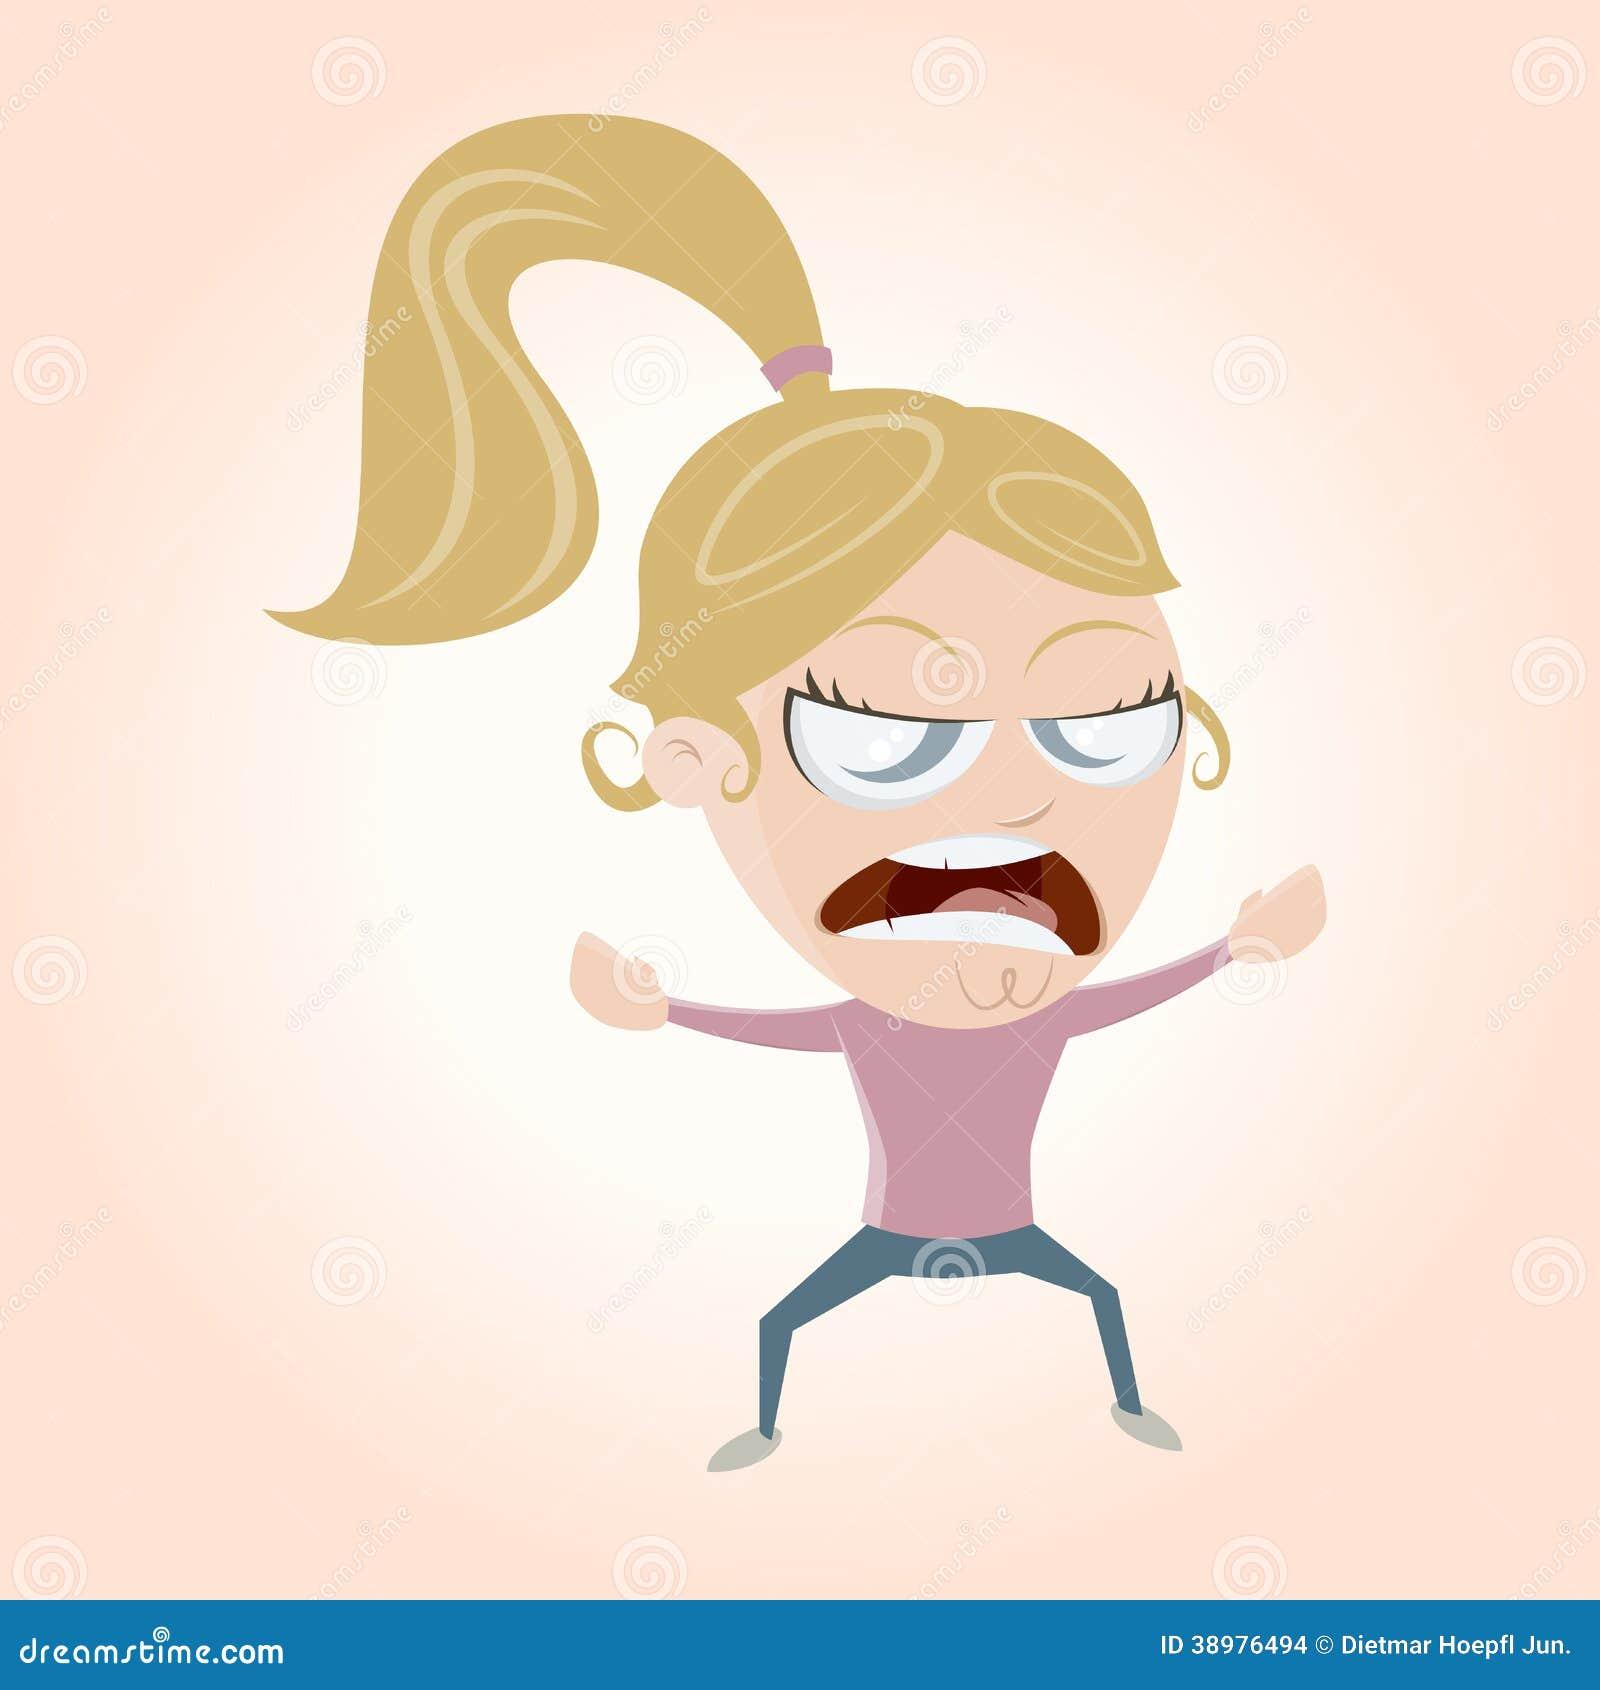 Angry Stock Illustrations 152 447 Angry Stock Illustrations Vectors Clipart Dreamstime